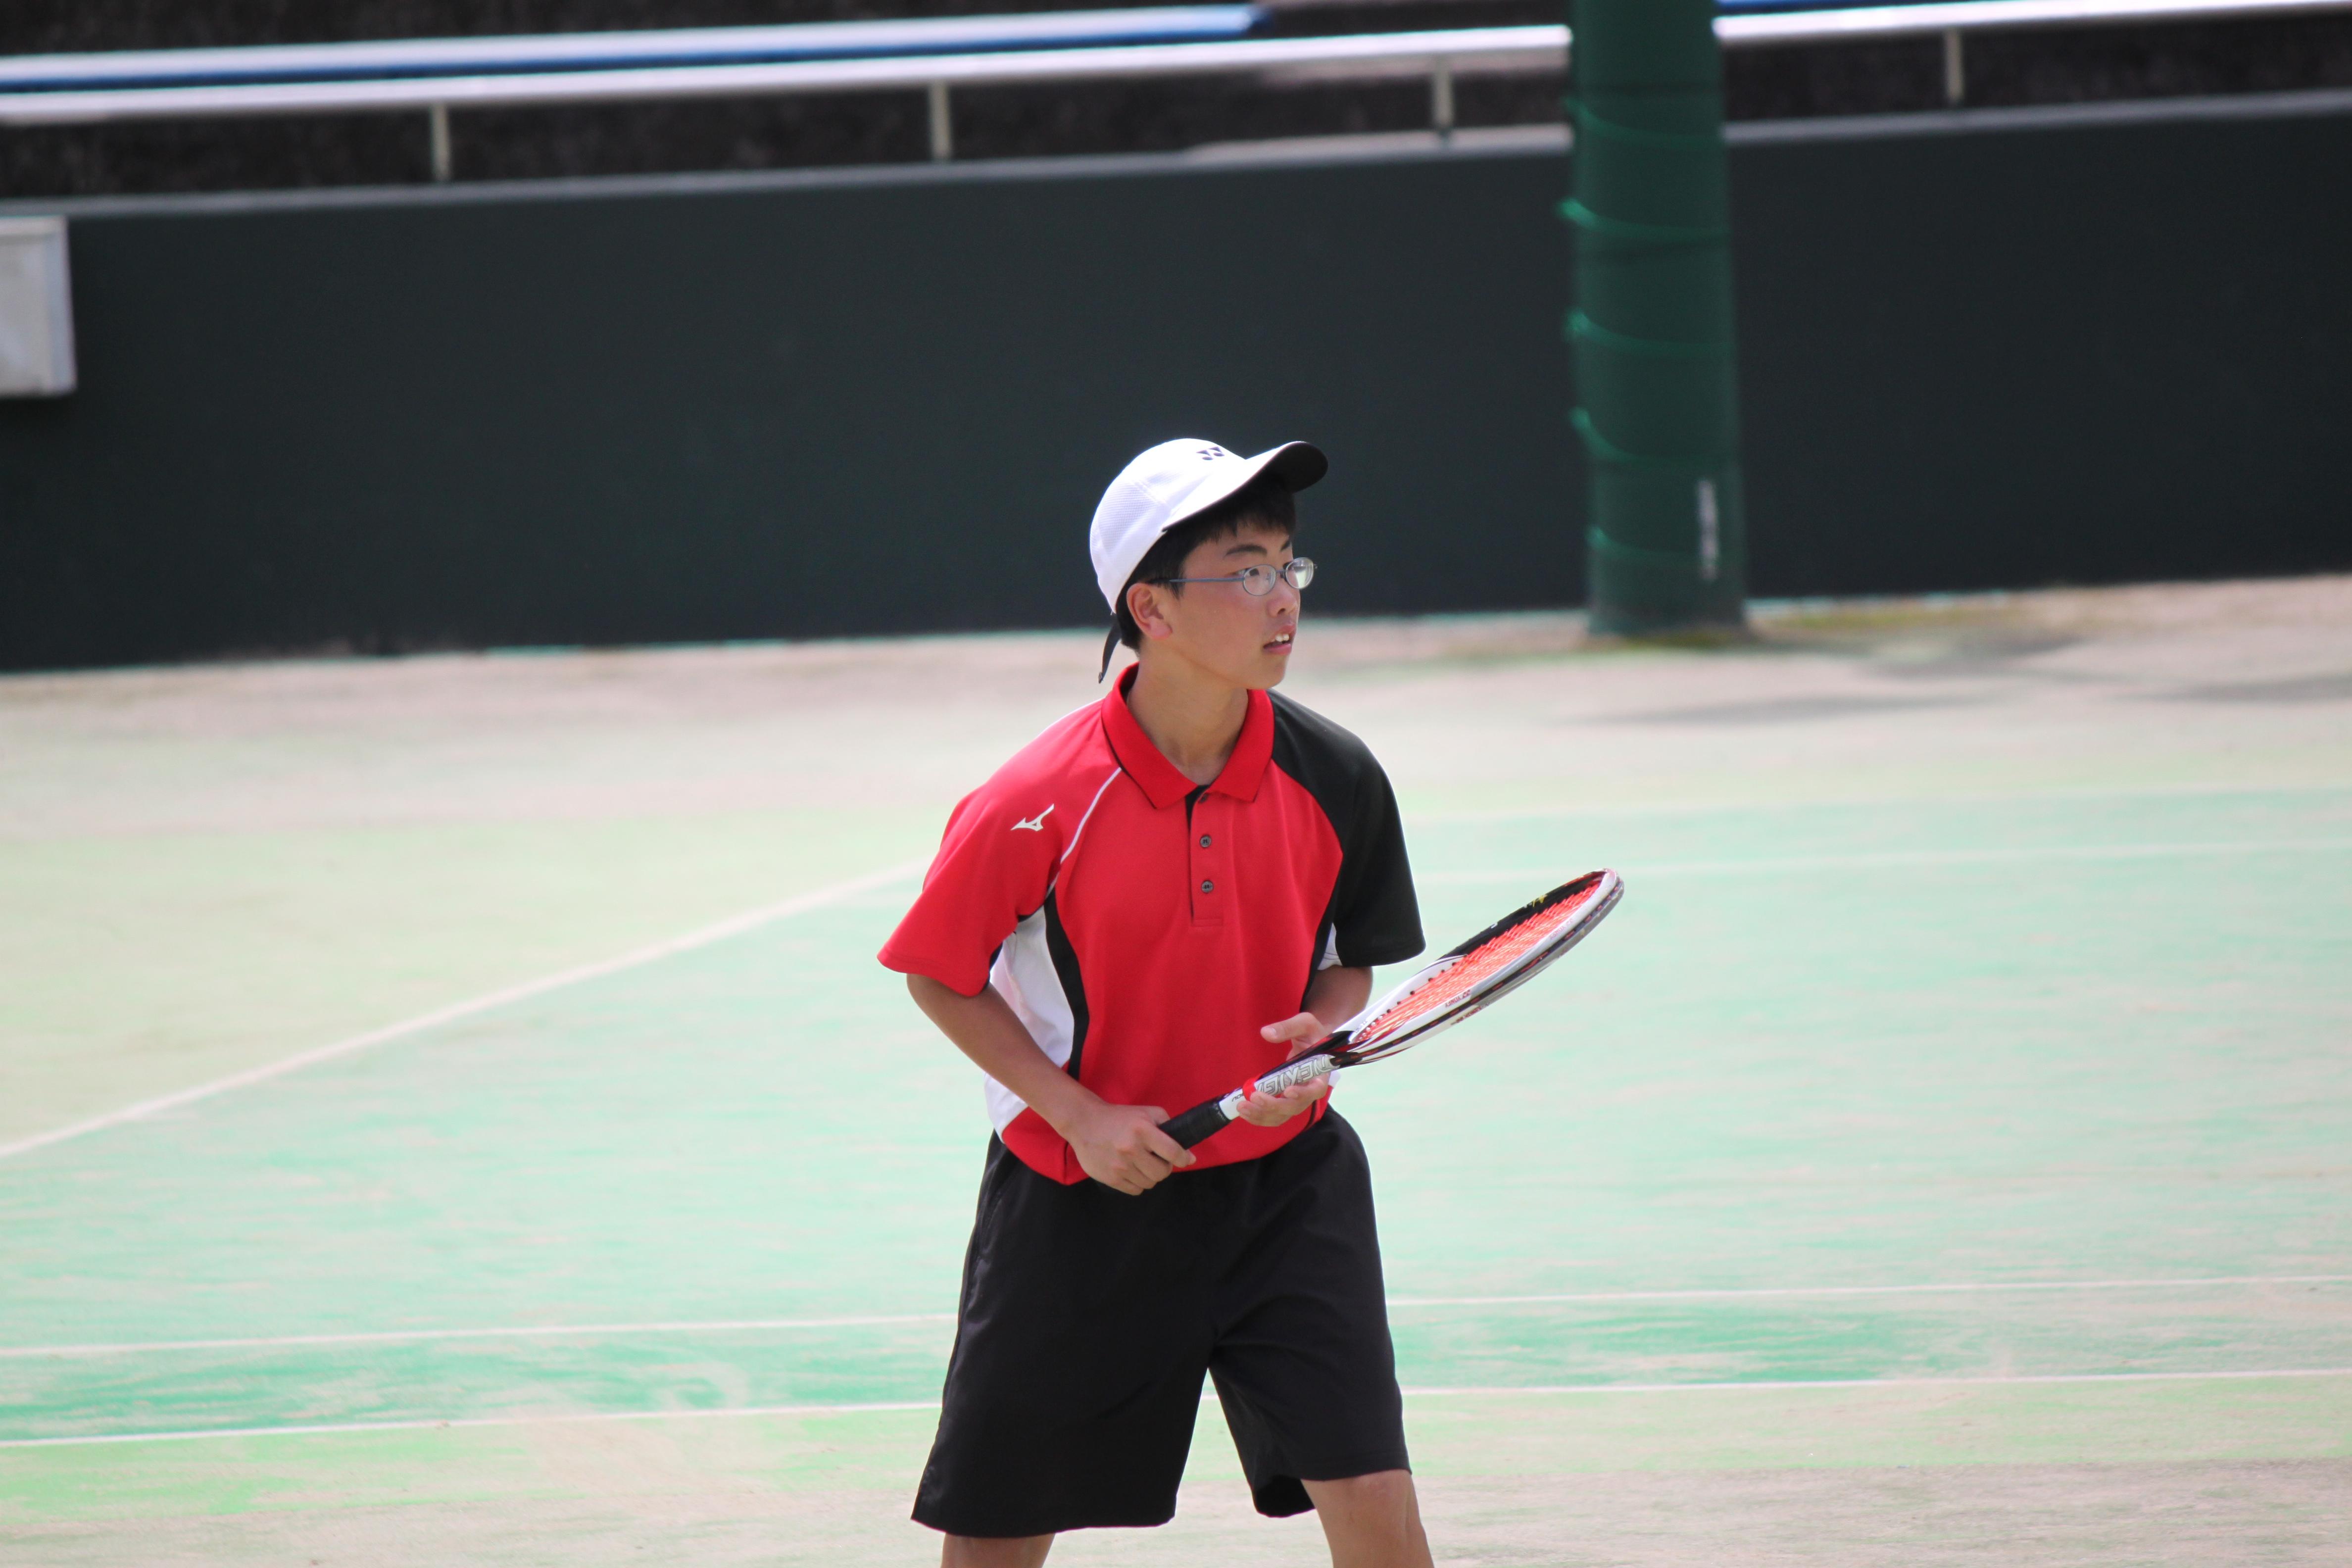 ソフトテニス (427)